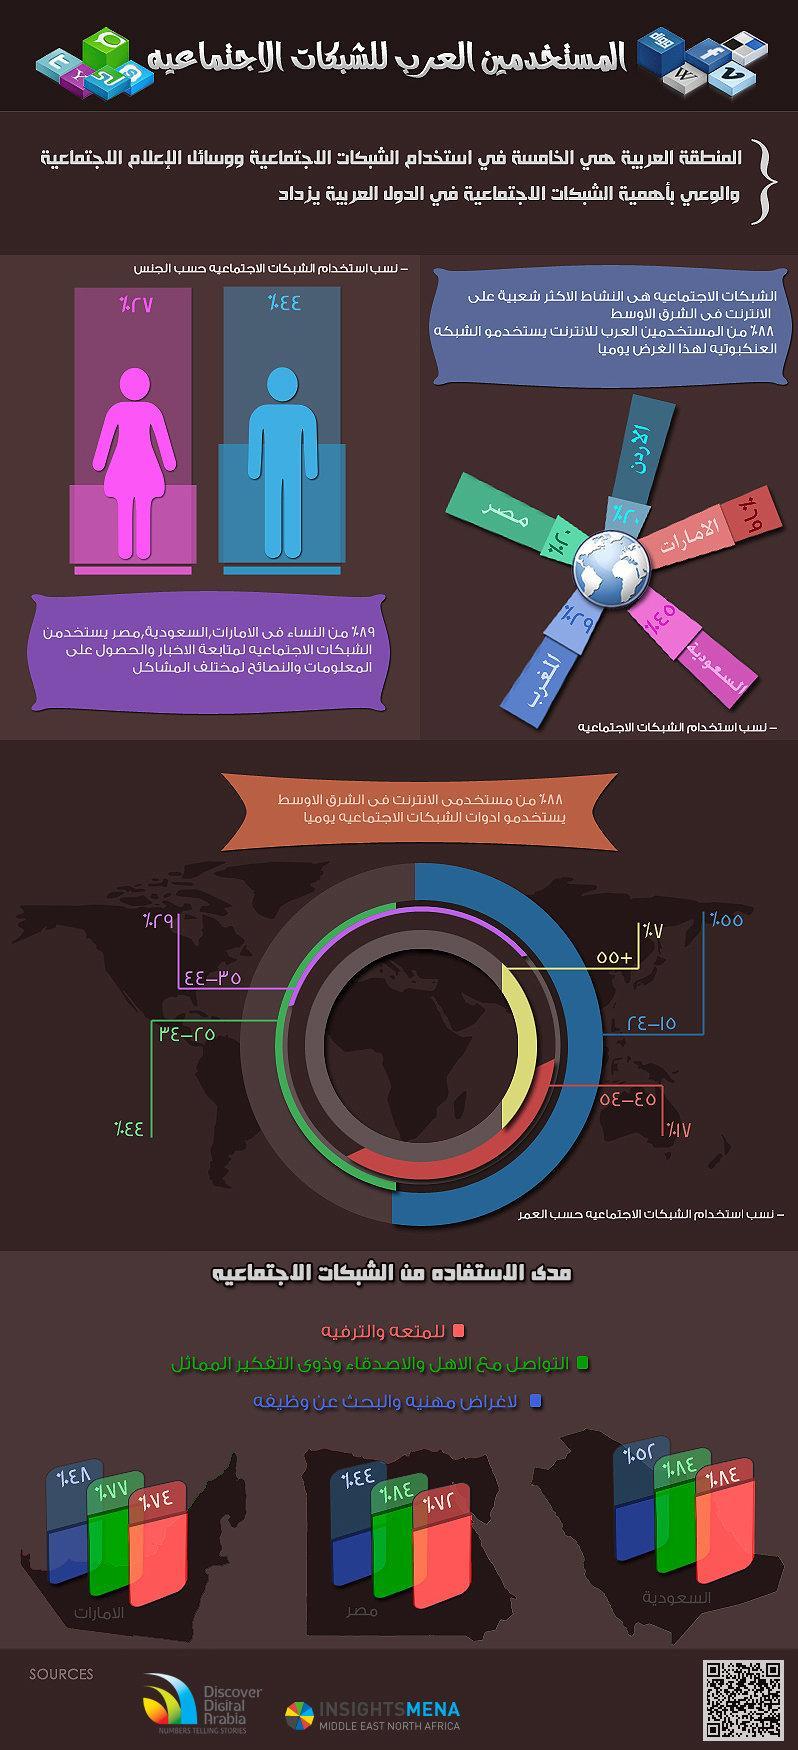 المستخدمون العرب لوسائط التواصل الاجتماعي #انفوجرافيك